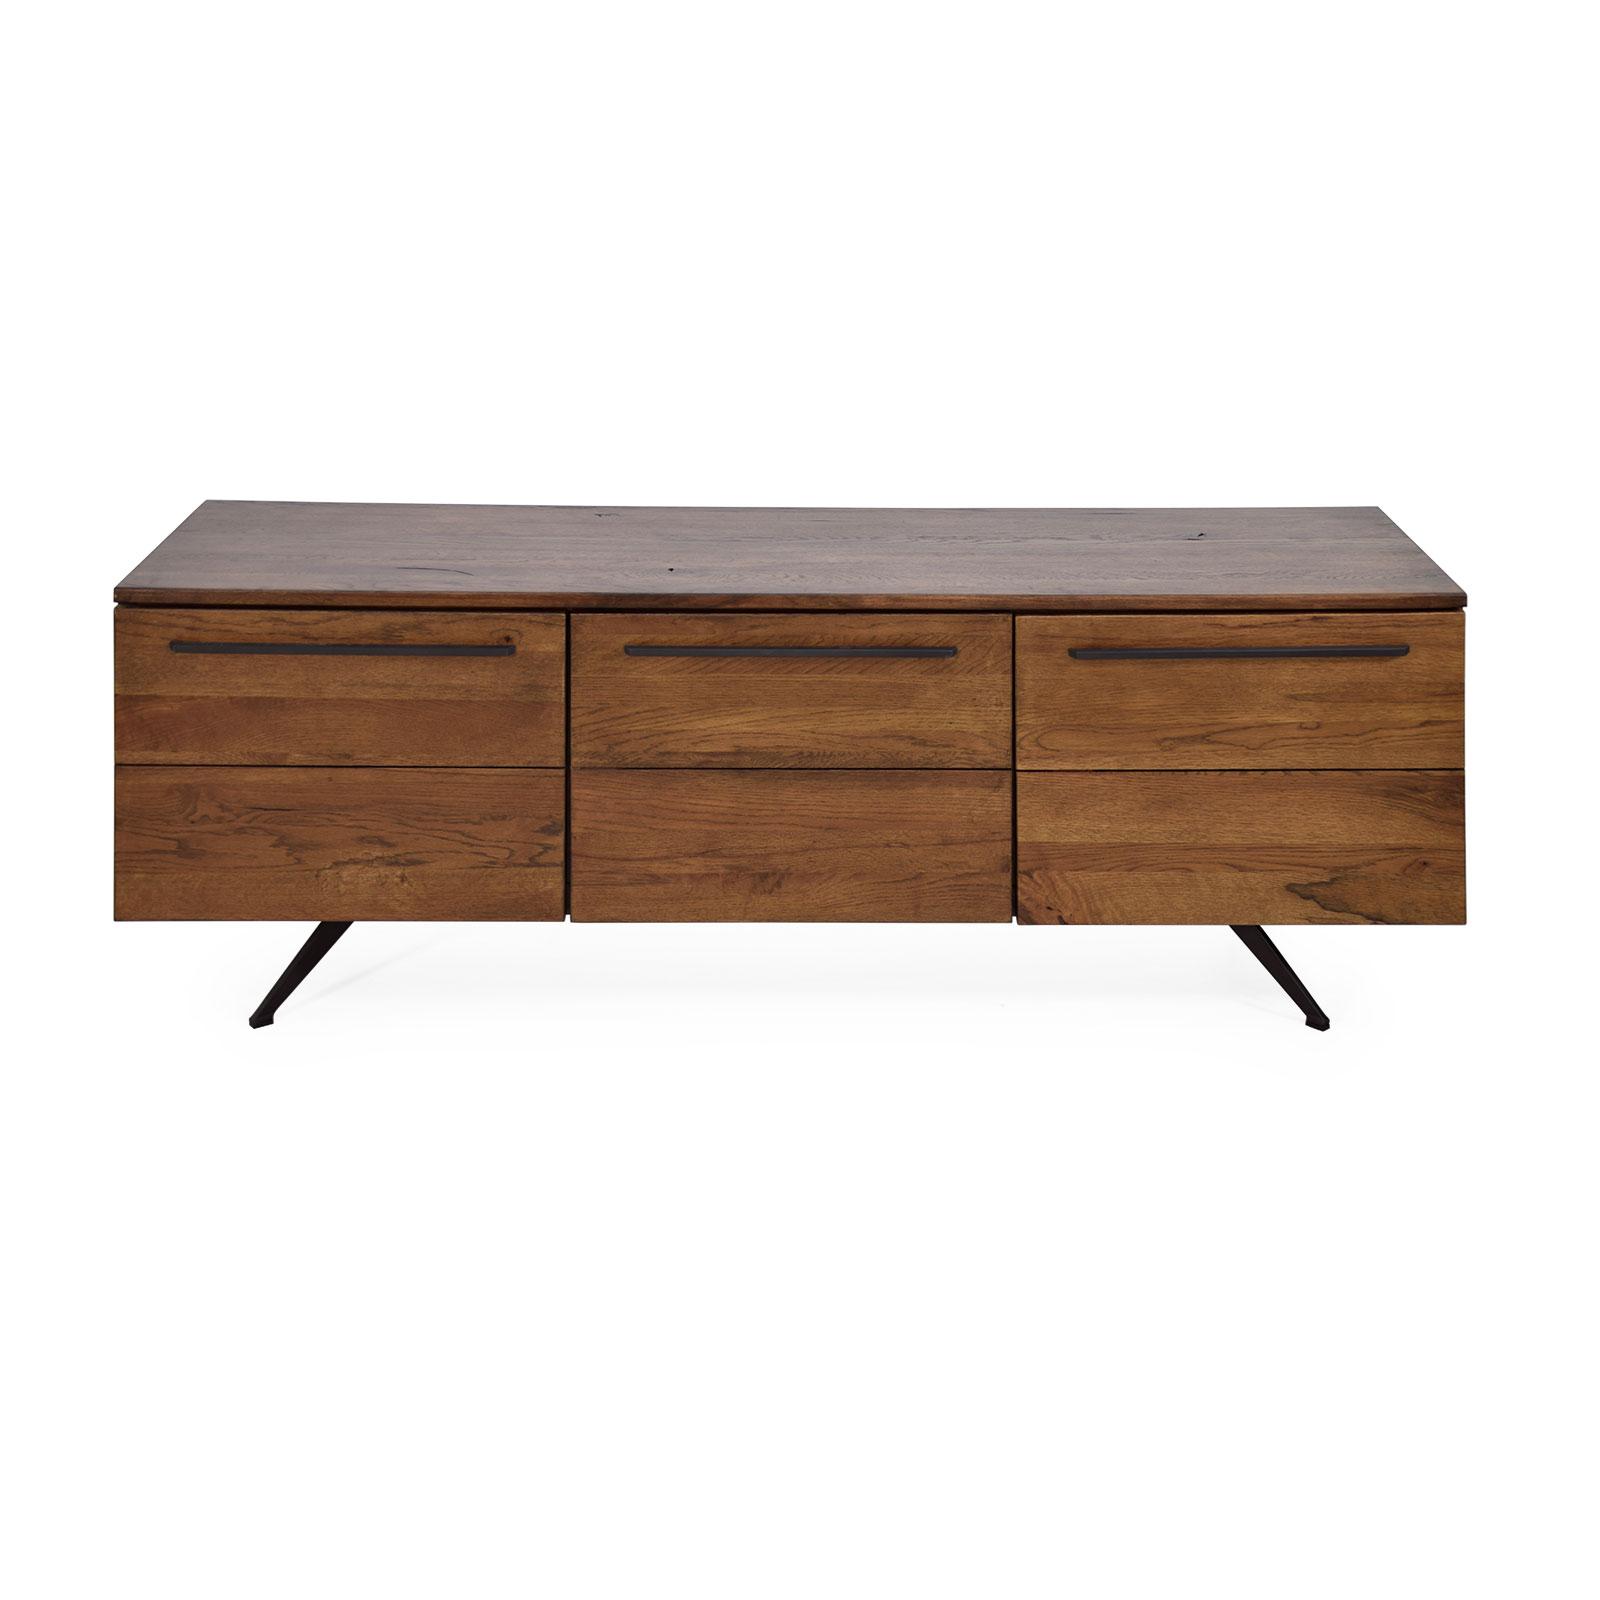 lowboard eiche massiv natur ge lt 160 cm tv board fernsehkommde wildeiche massiv ebay